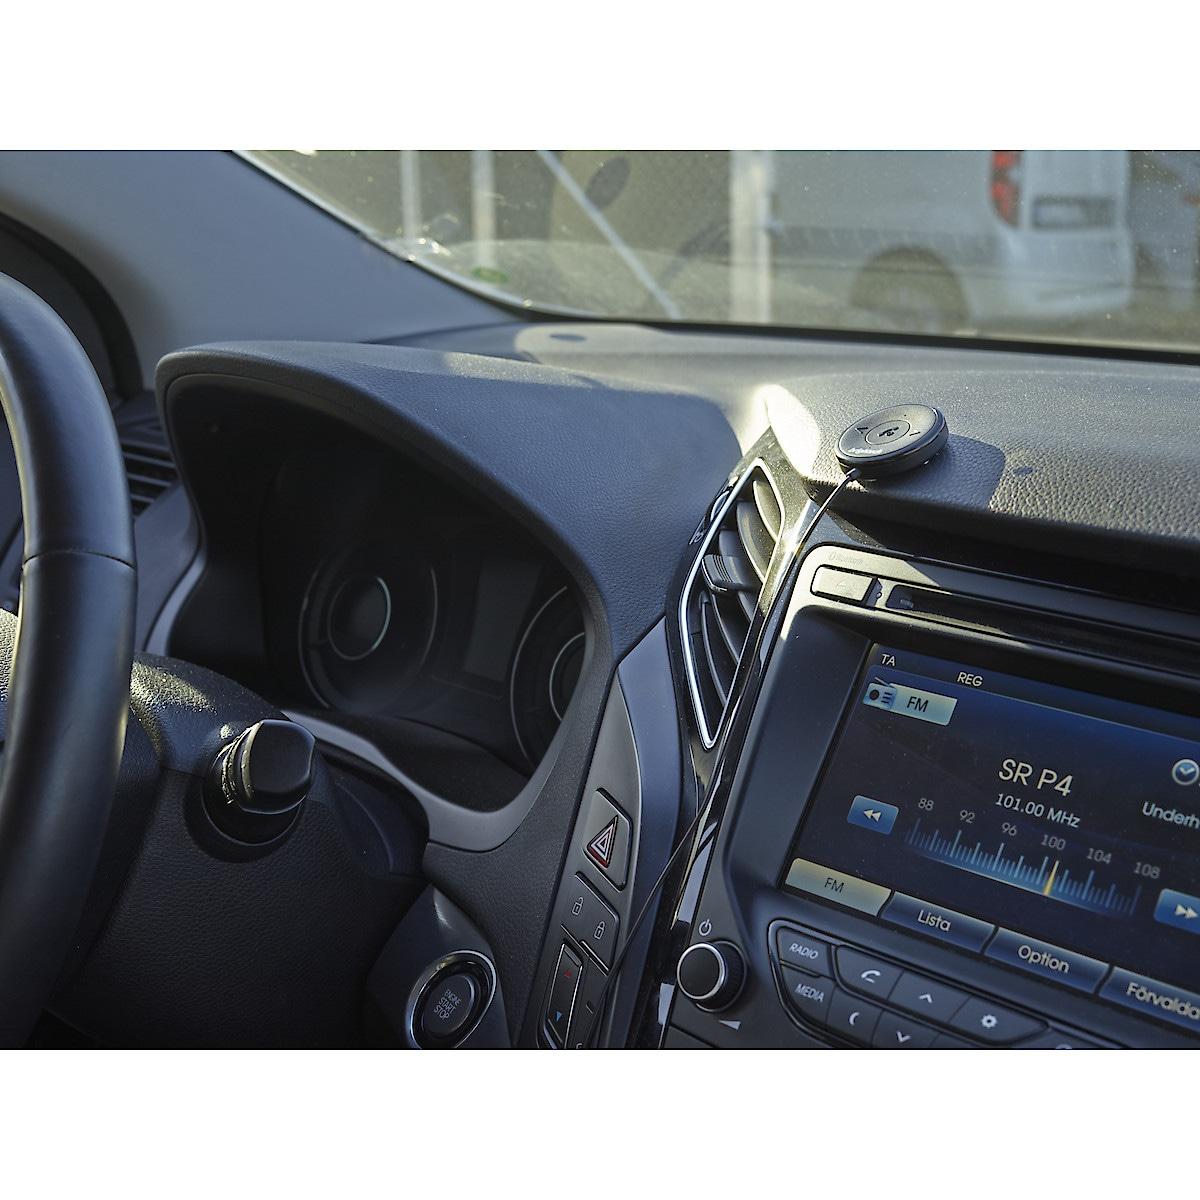 Bluetooth-vastaanotin, jossa NFC, autoon